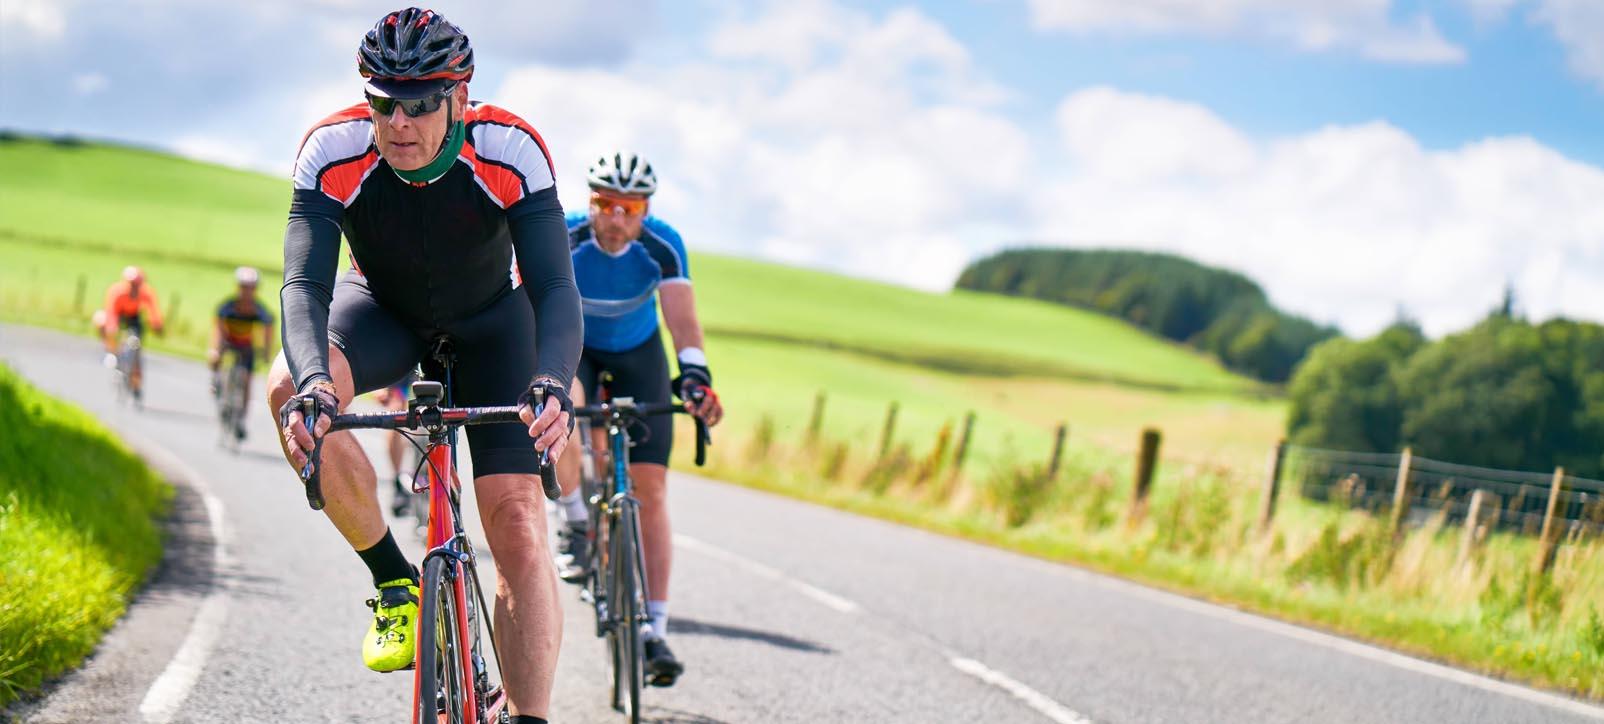 Bike Injury Claims